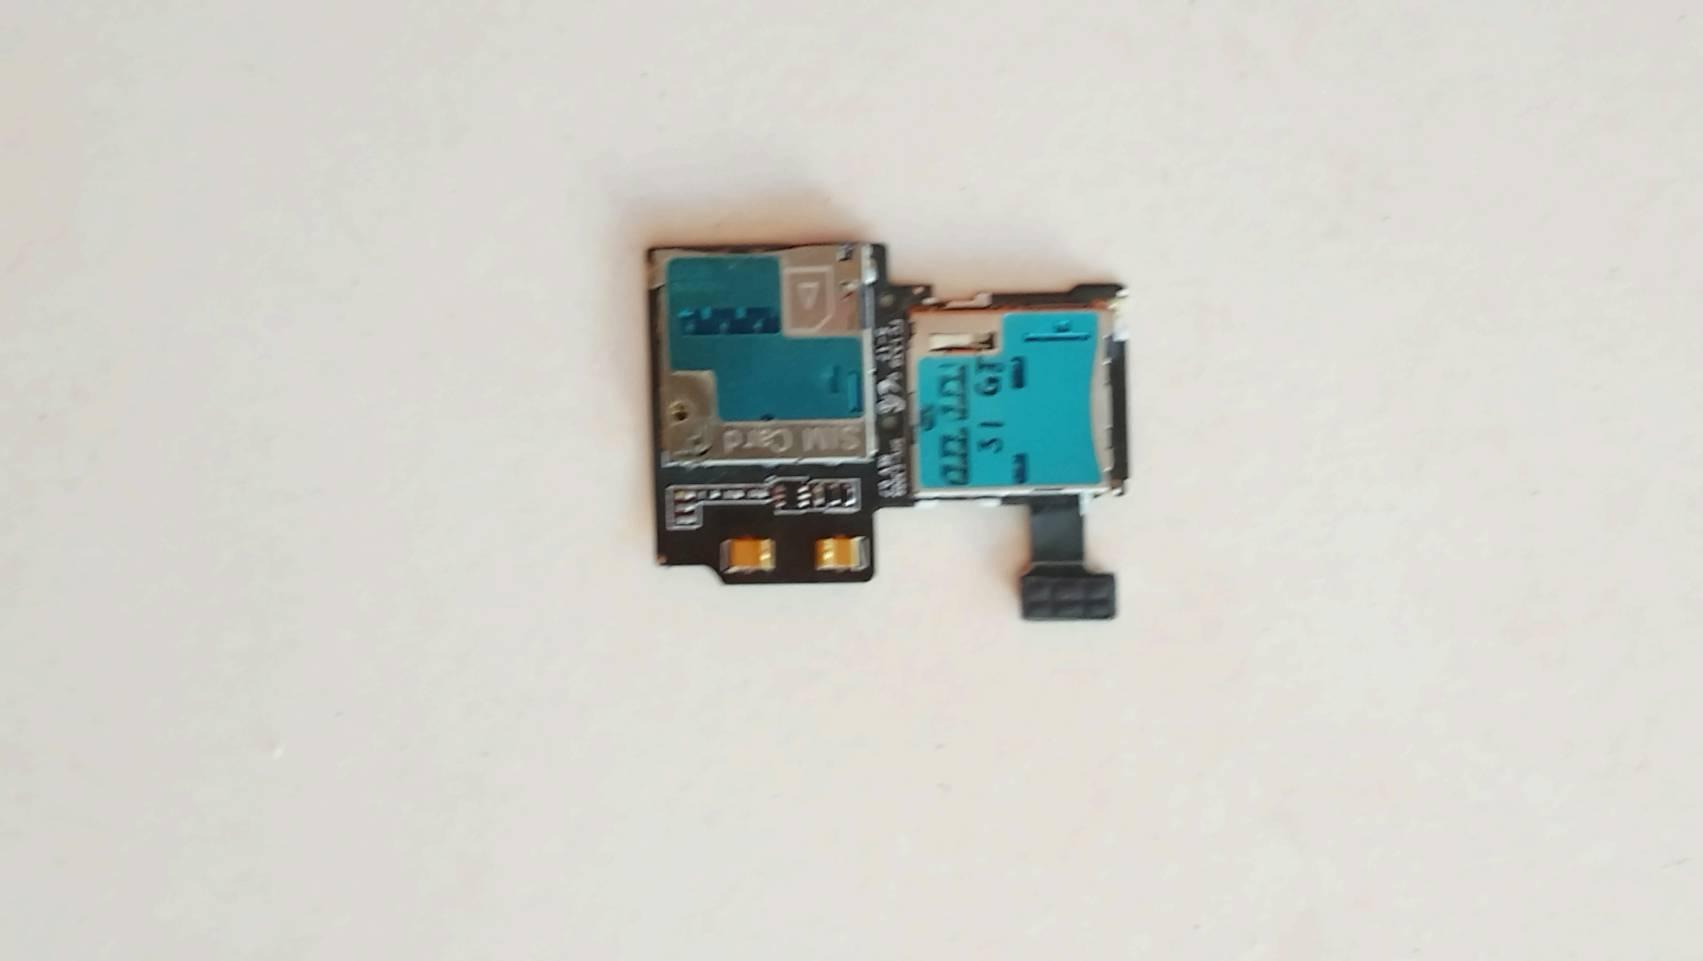 สายแพซิม+MMC SAMSUNG S4 GT-i9500 มืออสอง